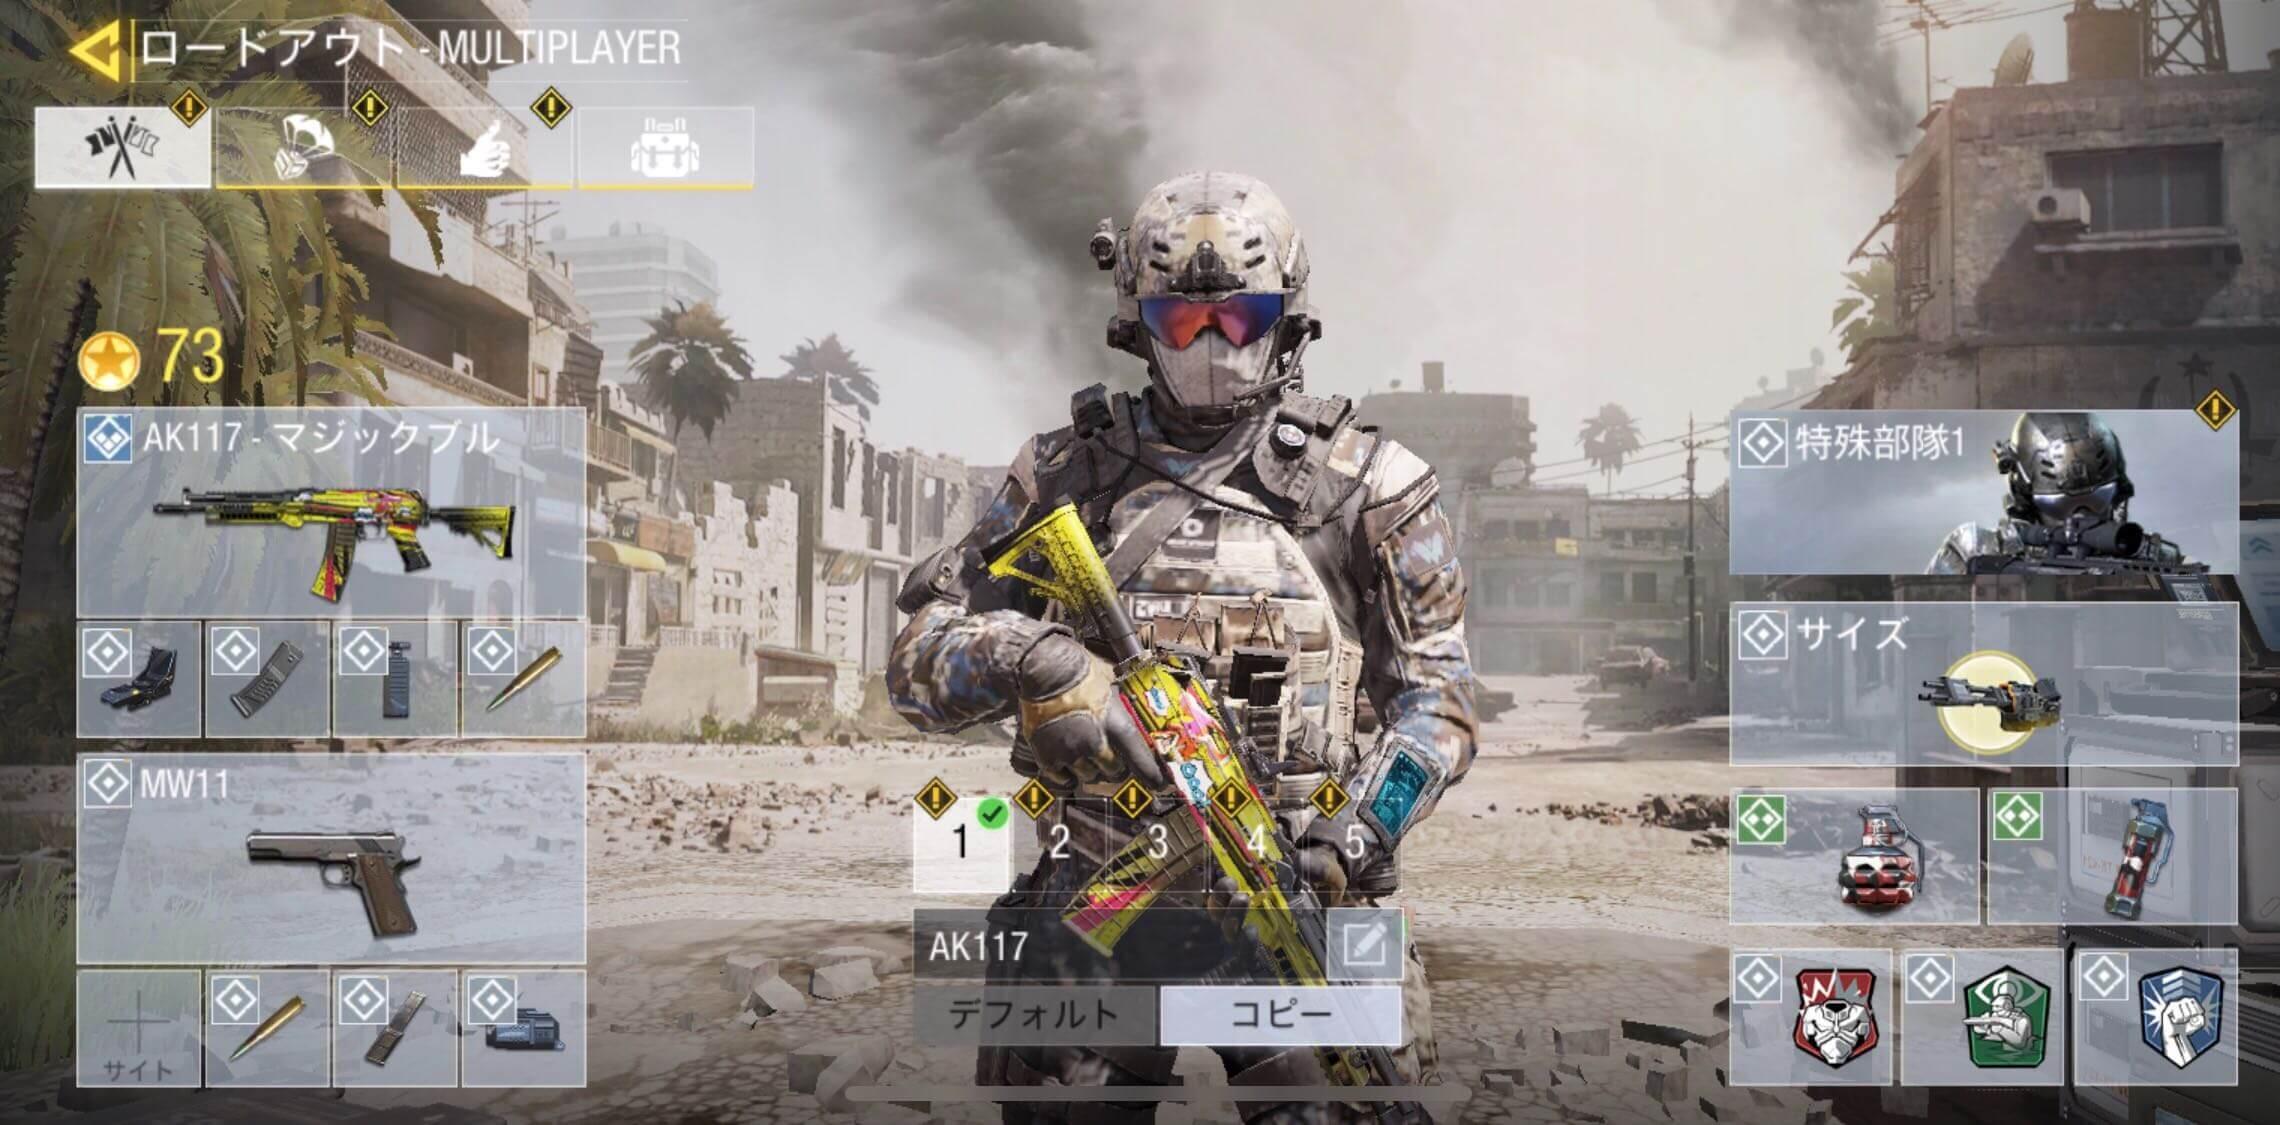 【CoDモバイル】「AK117」の最強カスタム紹介